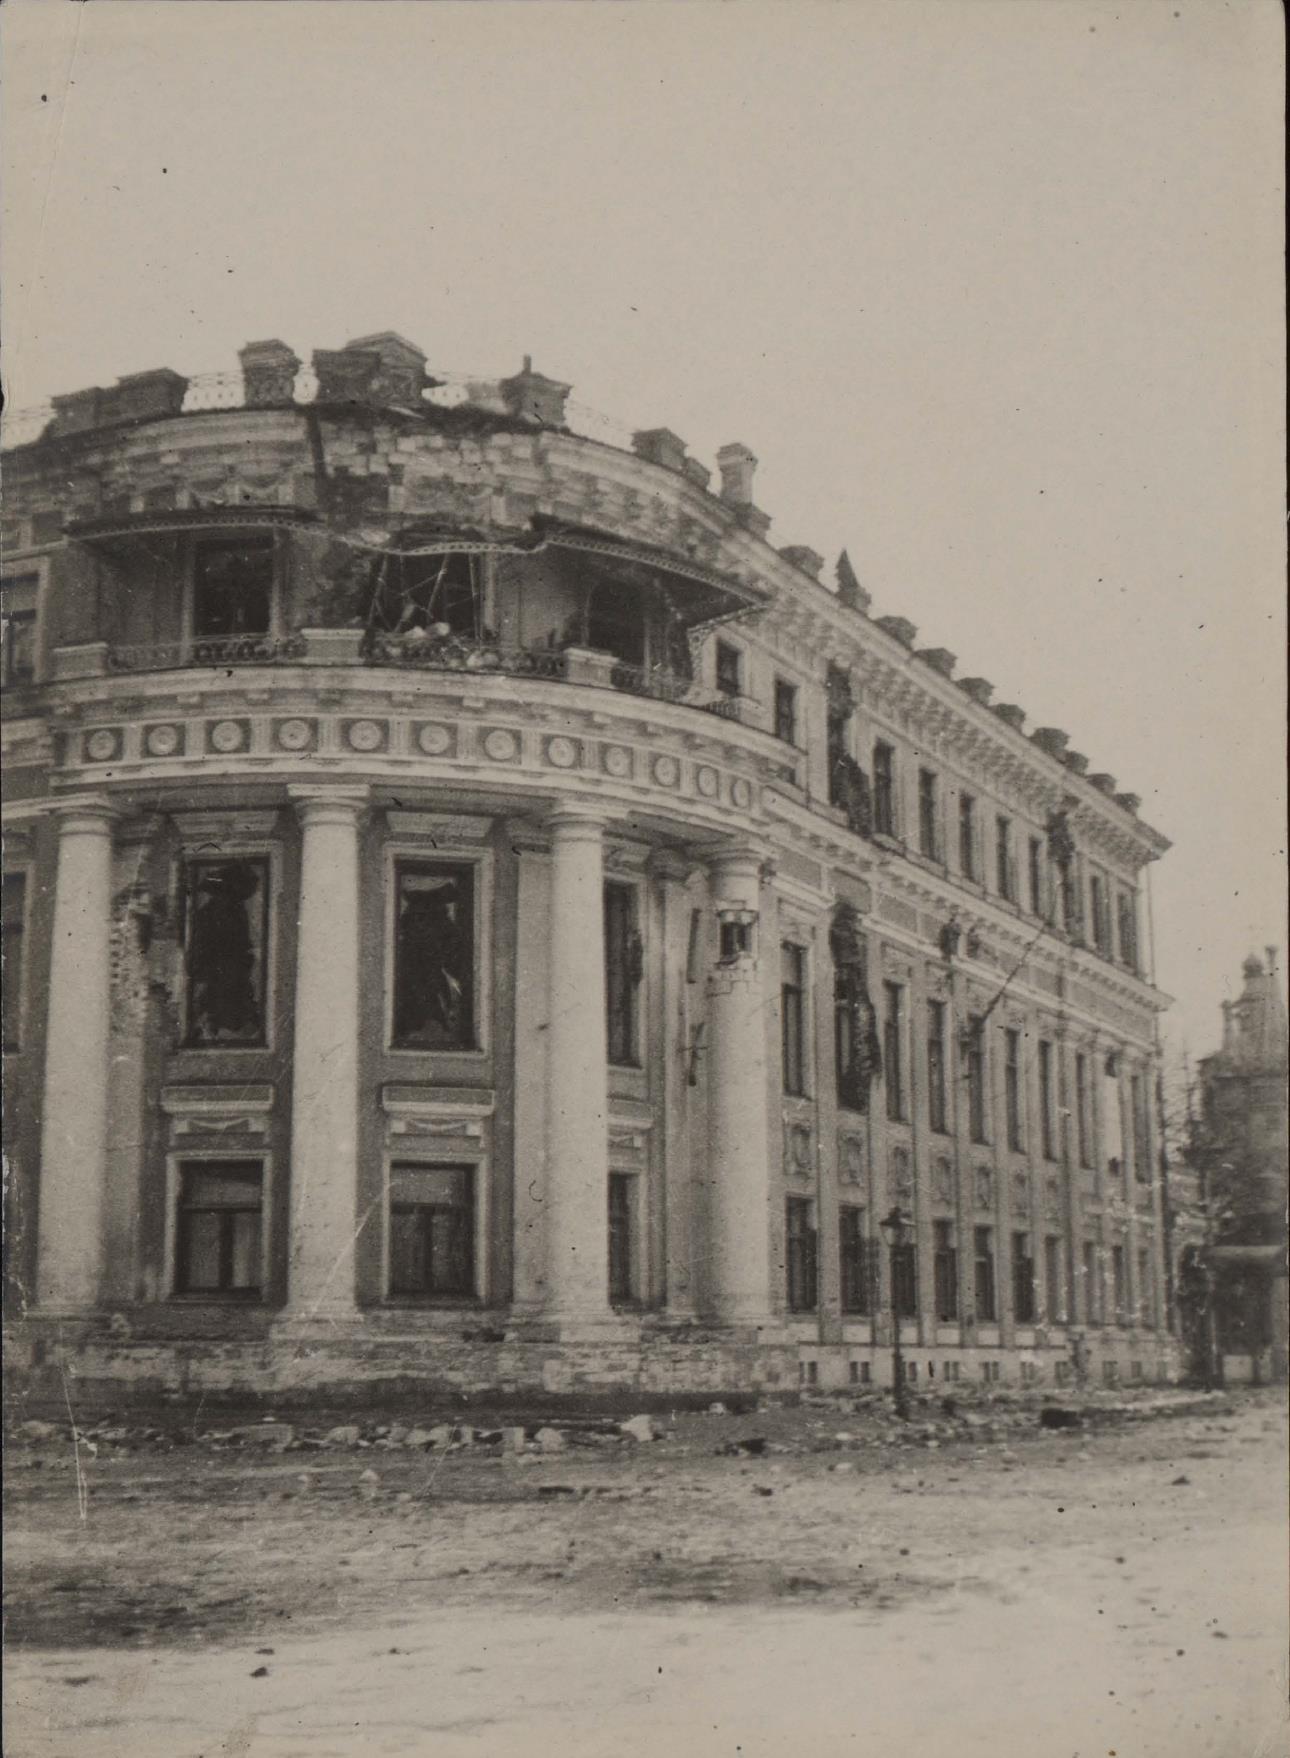 06. Николаевский дворец в Кремле